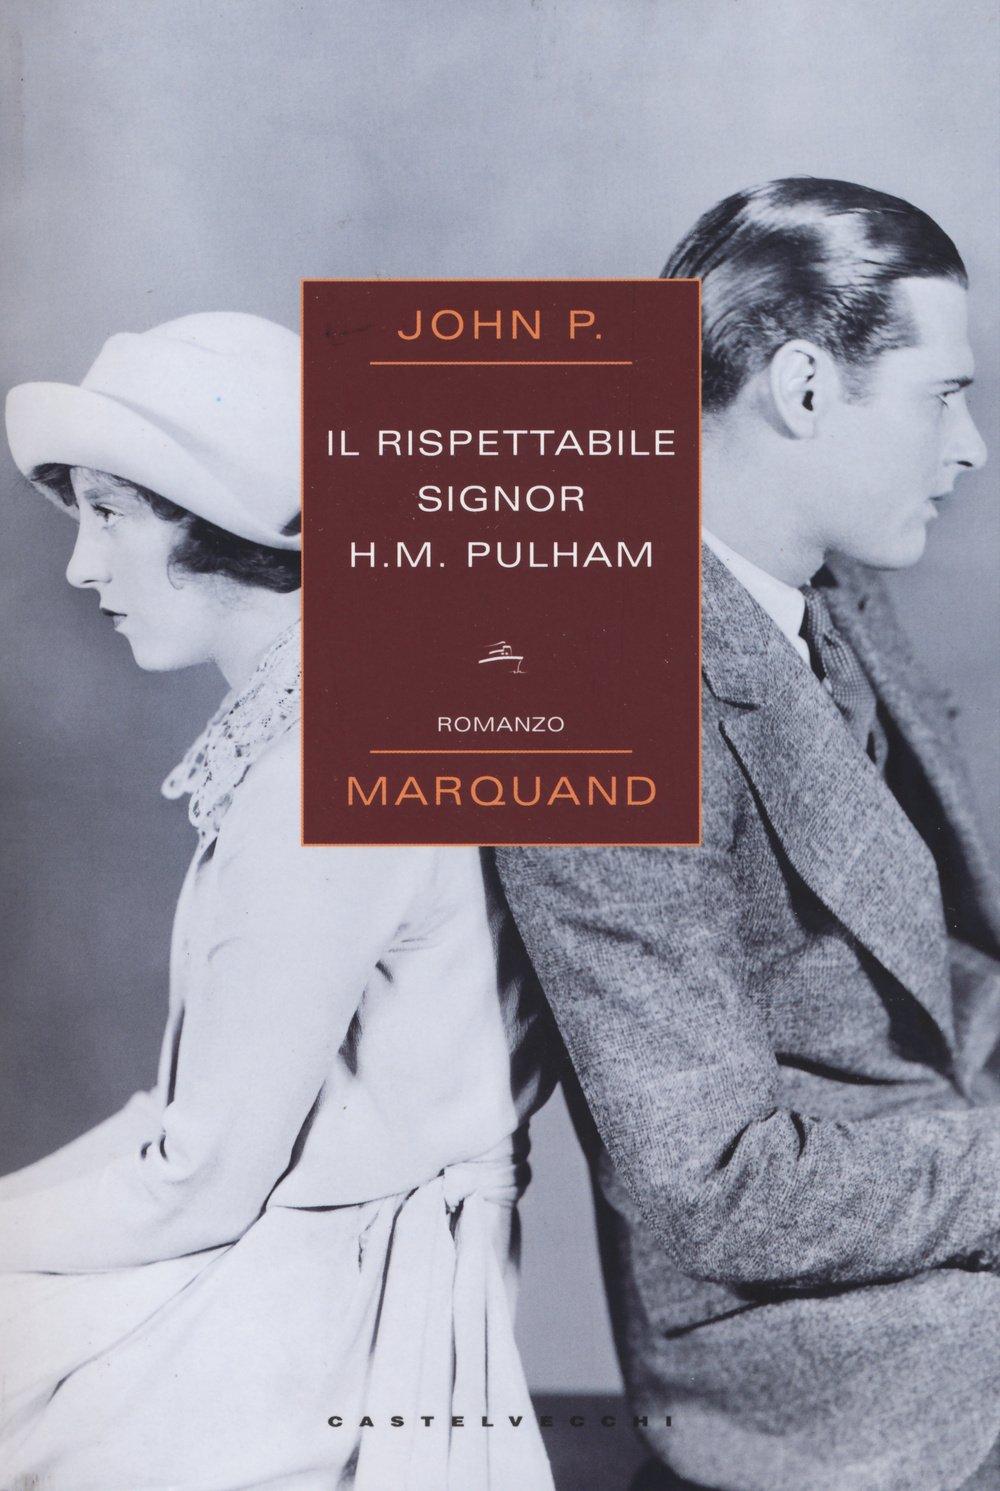 Il rispettabile signor H. M. Pulham